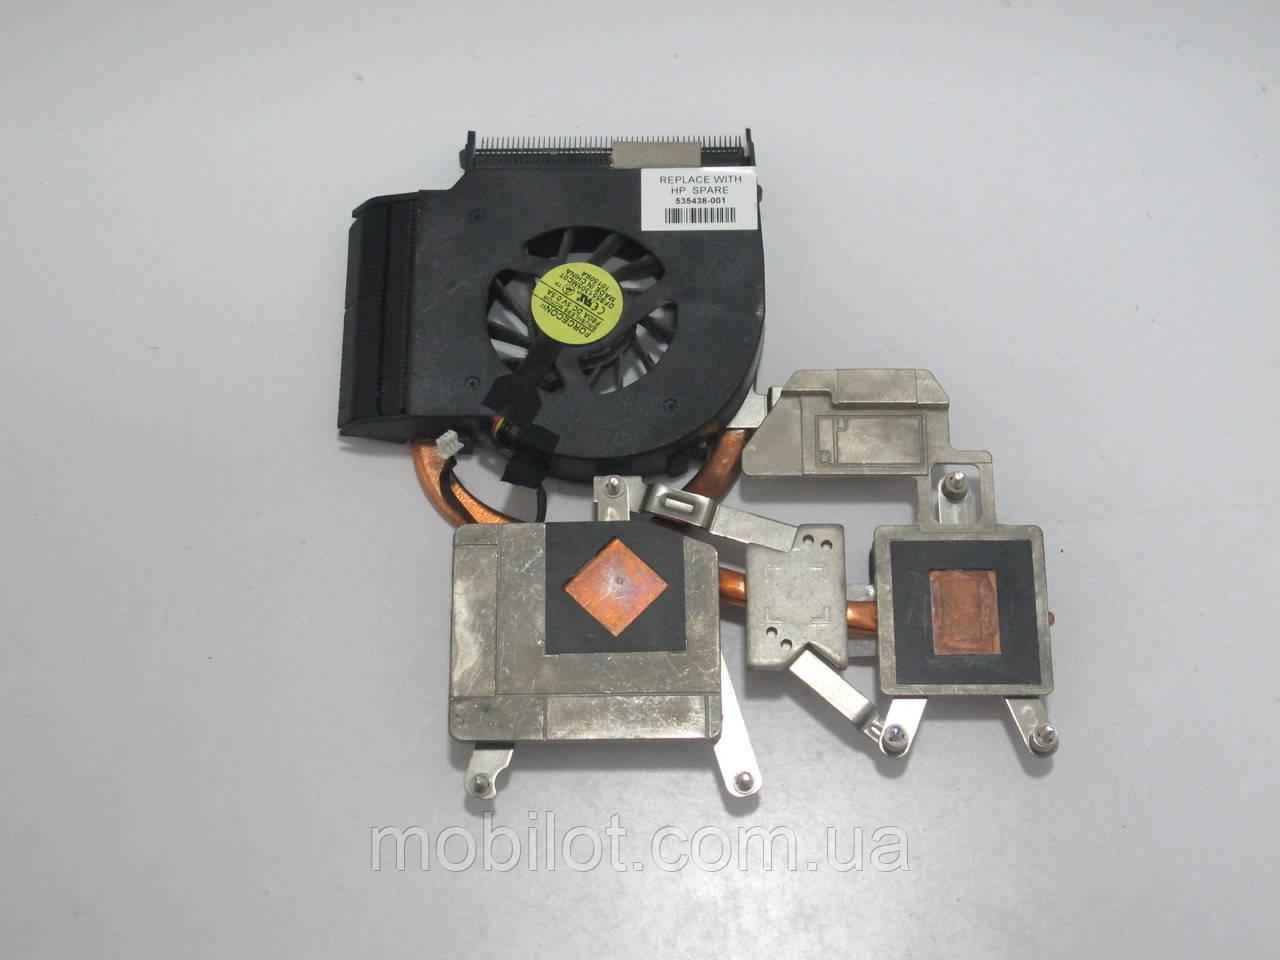 Система охлаждения HP DV7-3030 (NZ-5727)